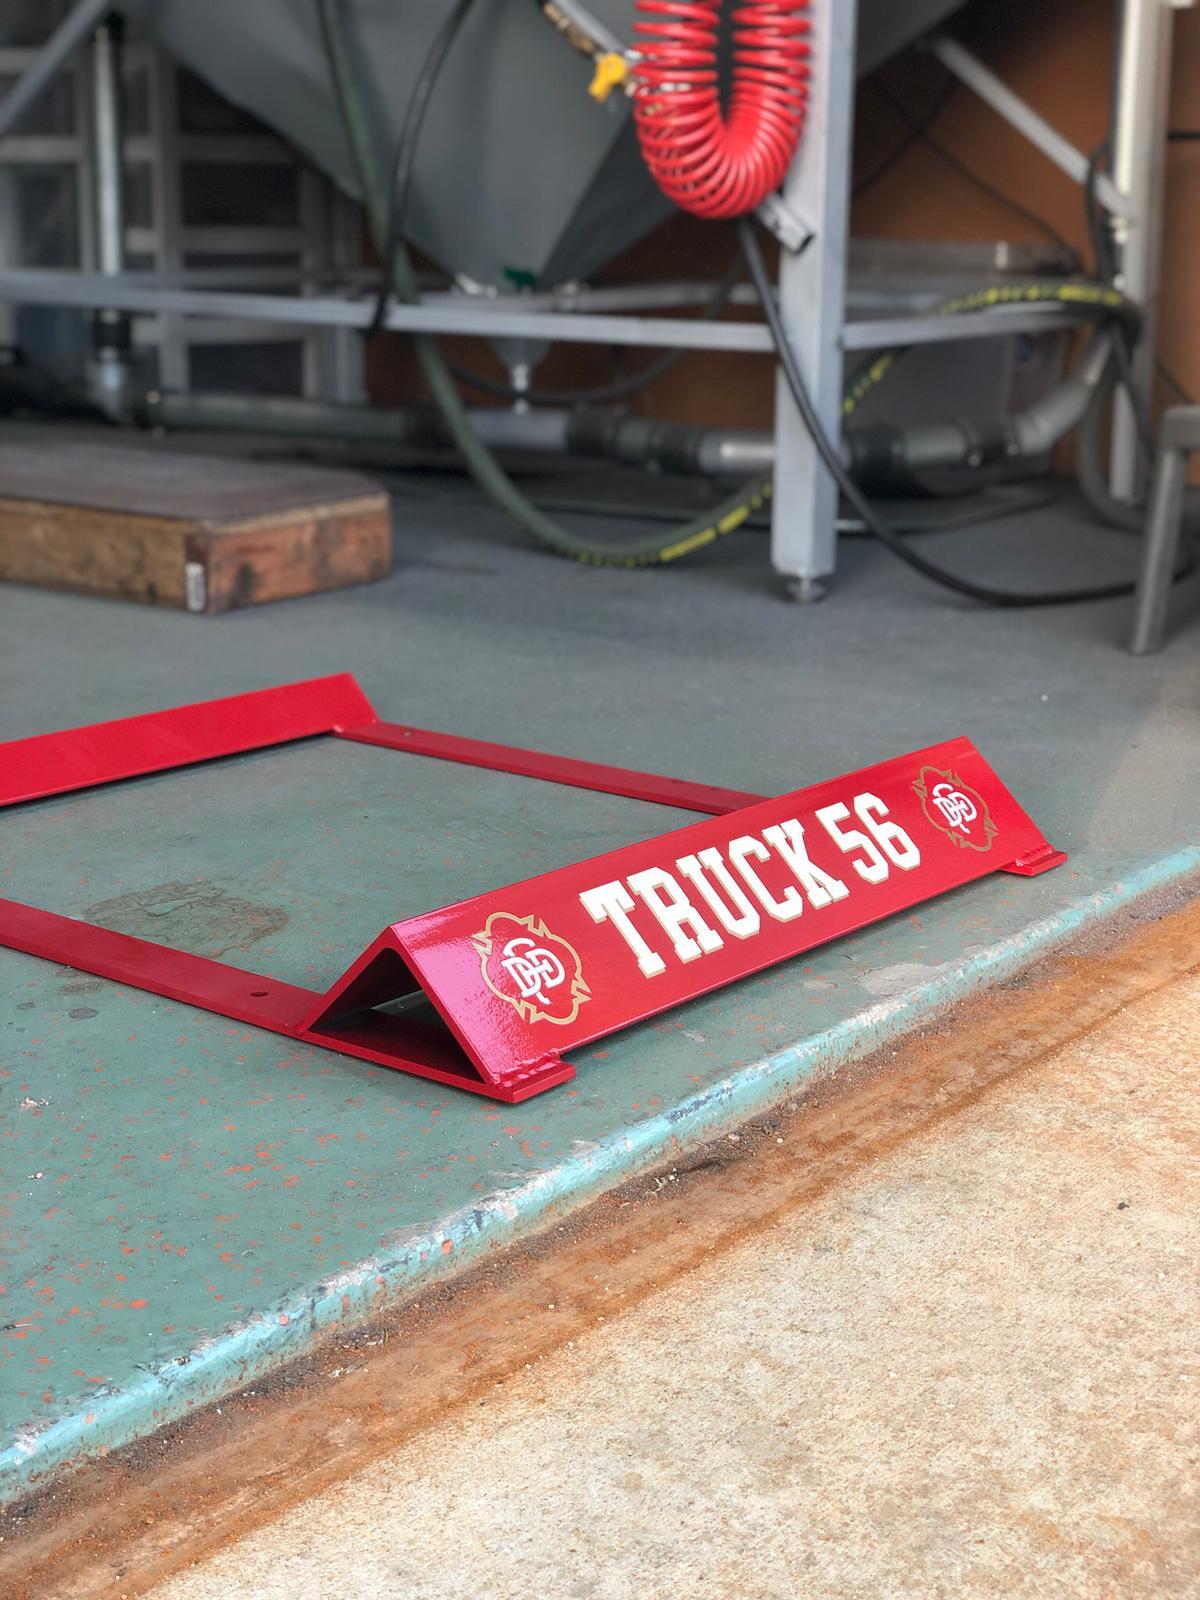 Firetruck wheel chock